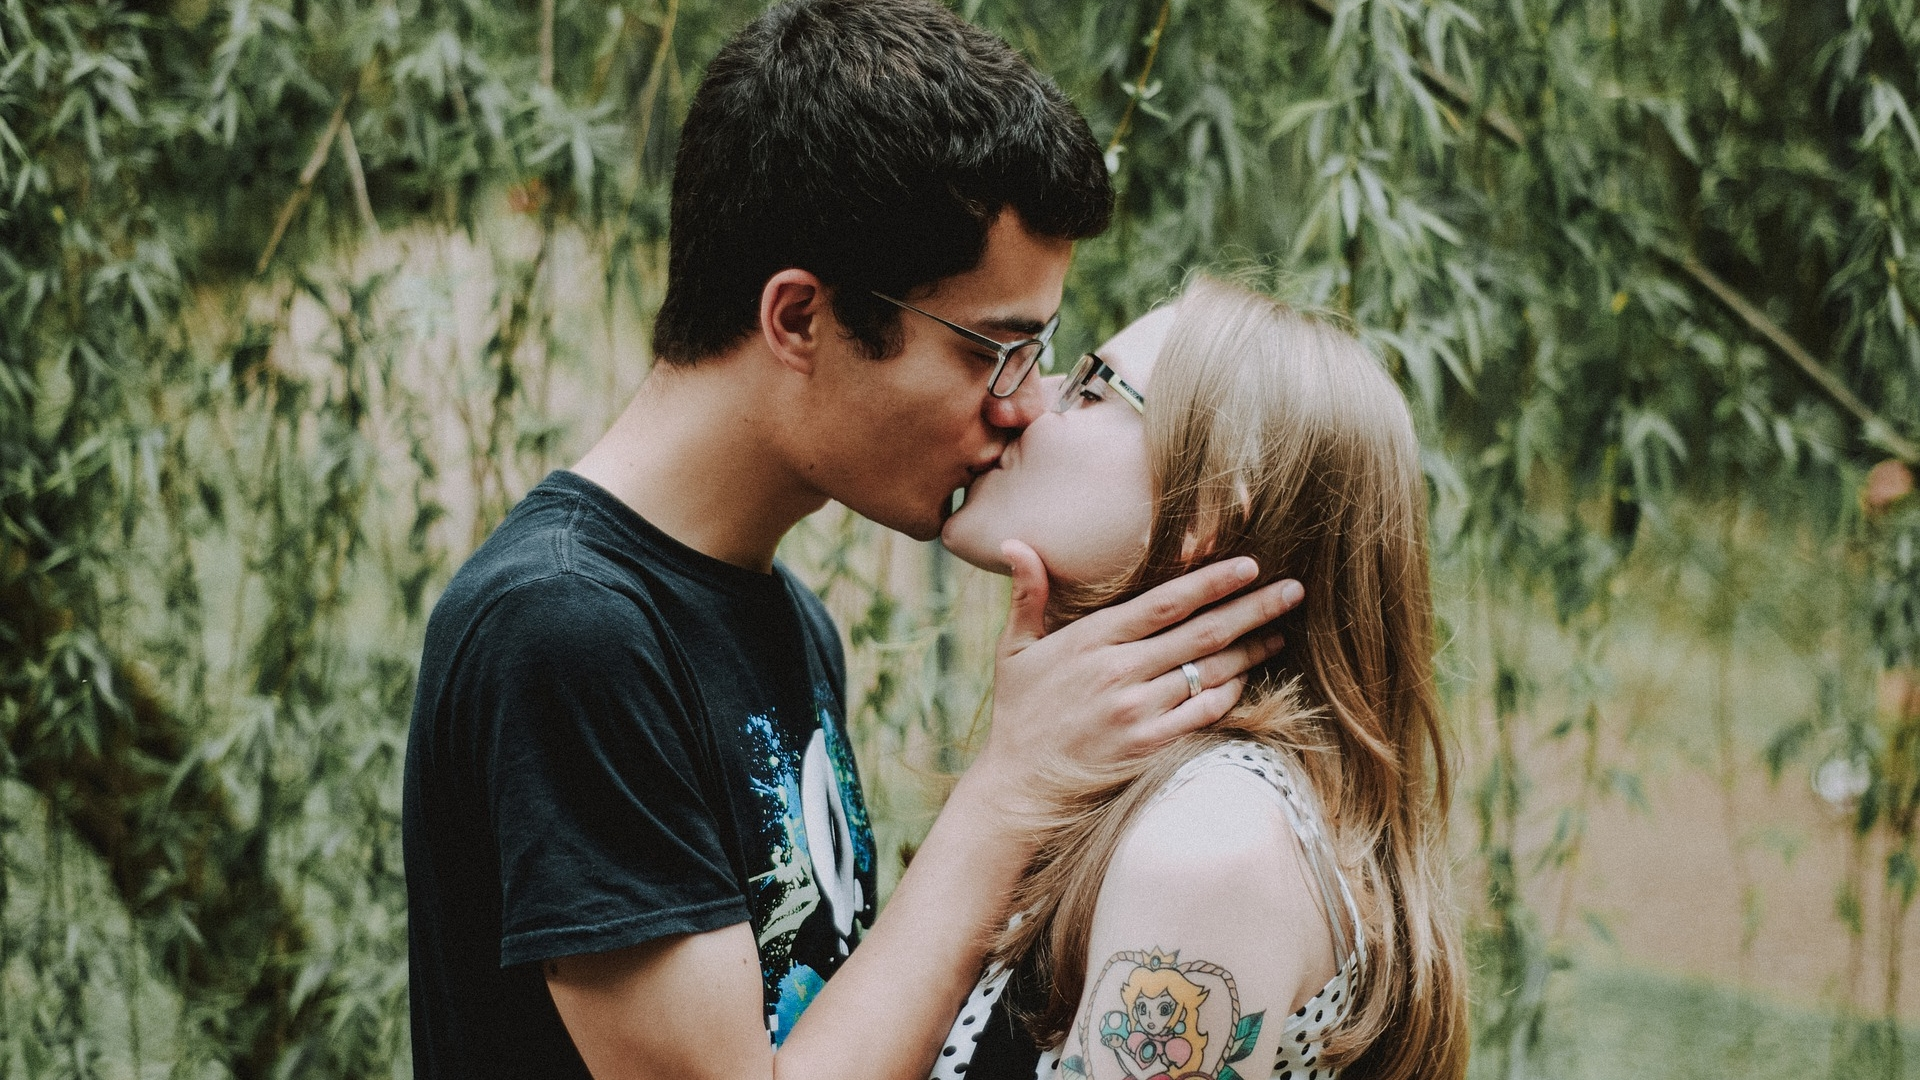 ¿Los besos apasionados son la clave para bajar de peso?